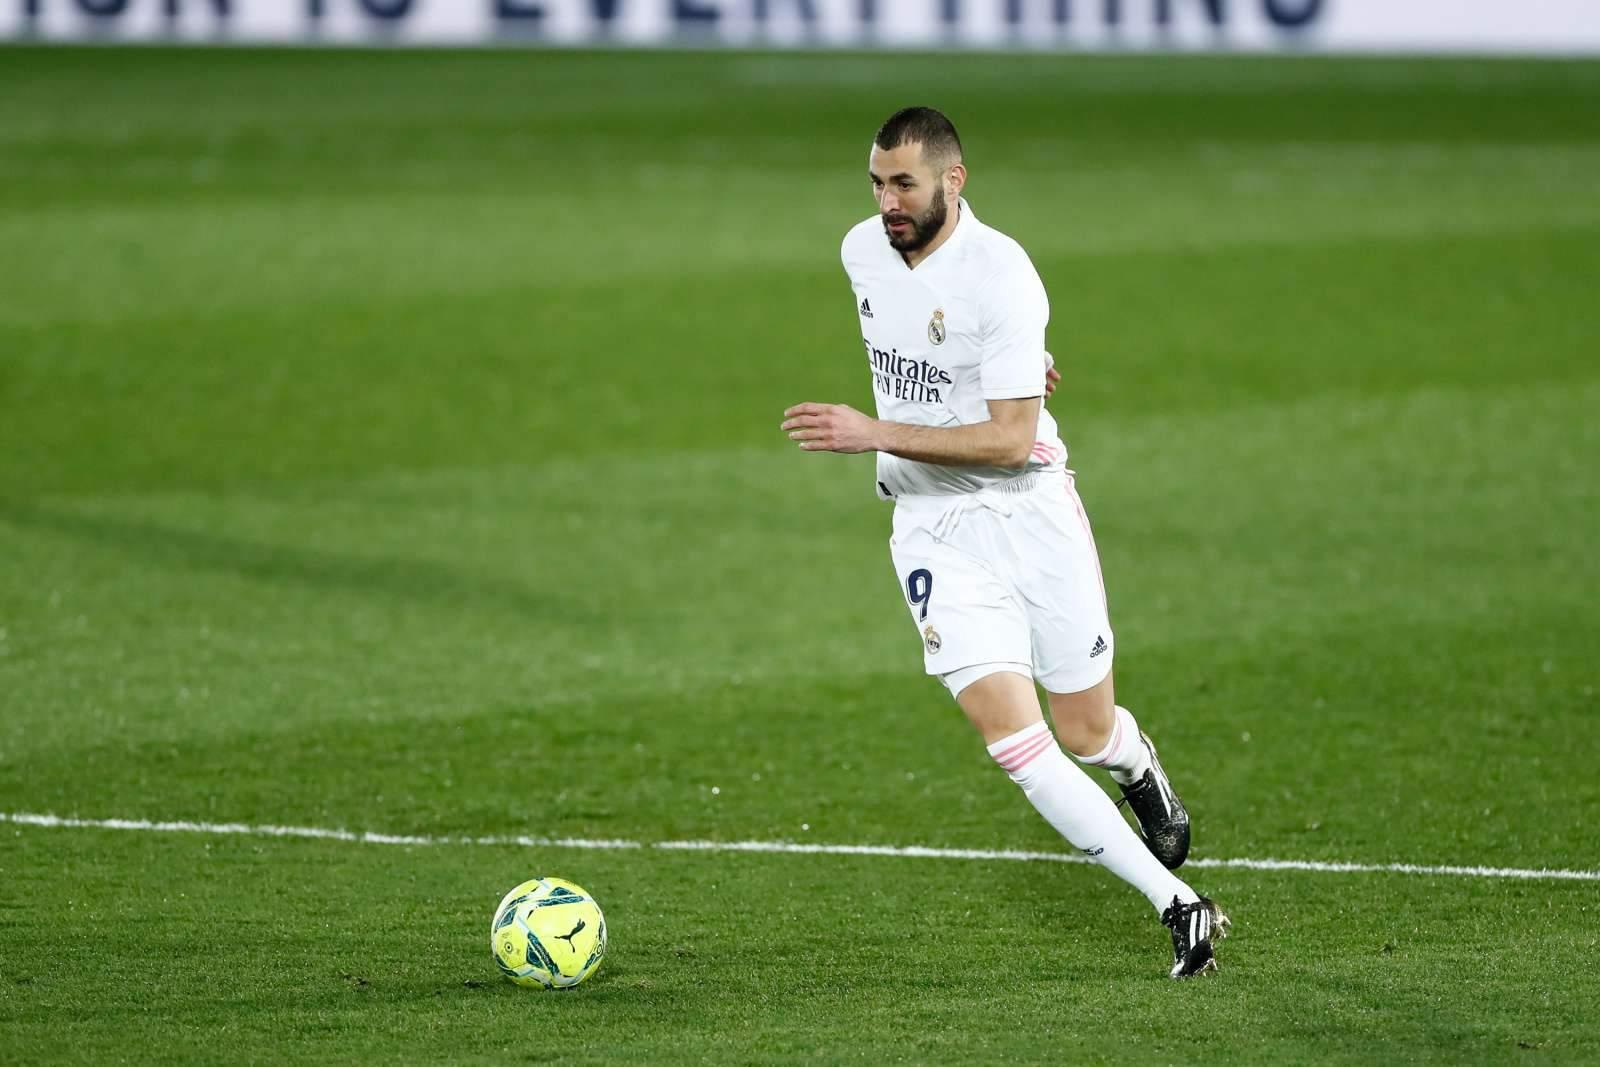 «Реал» лишь в компенсированное время переиграл аутсайдера